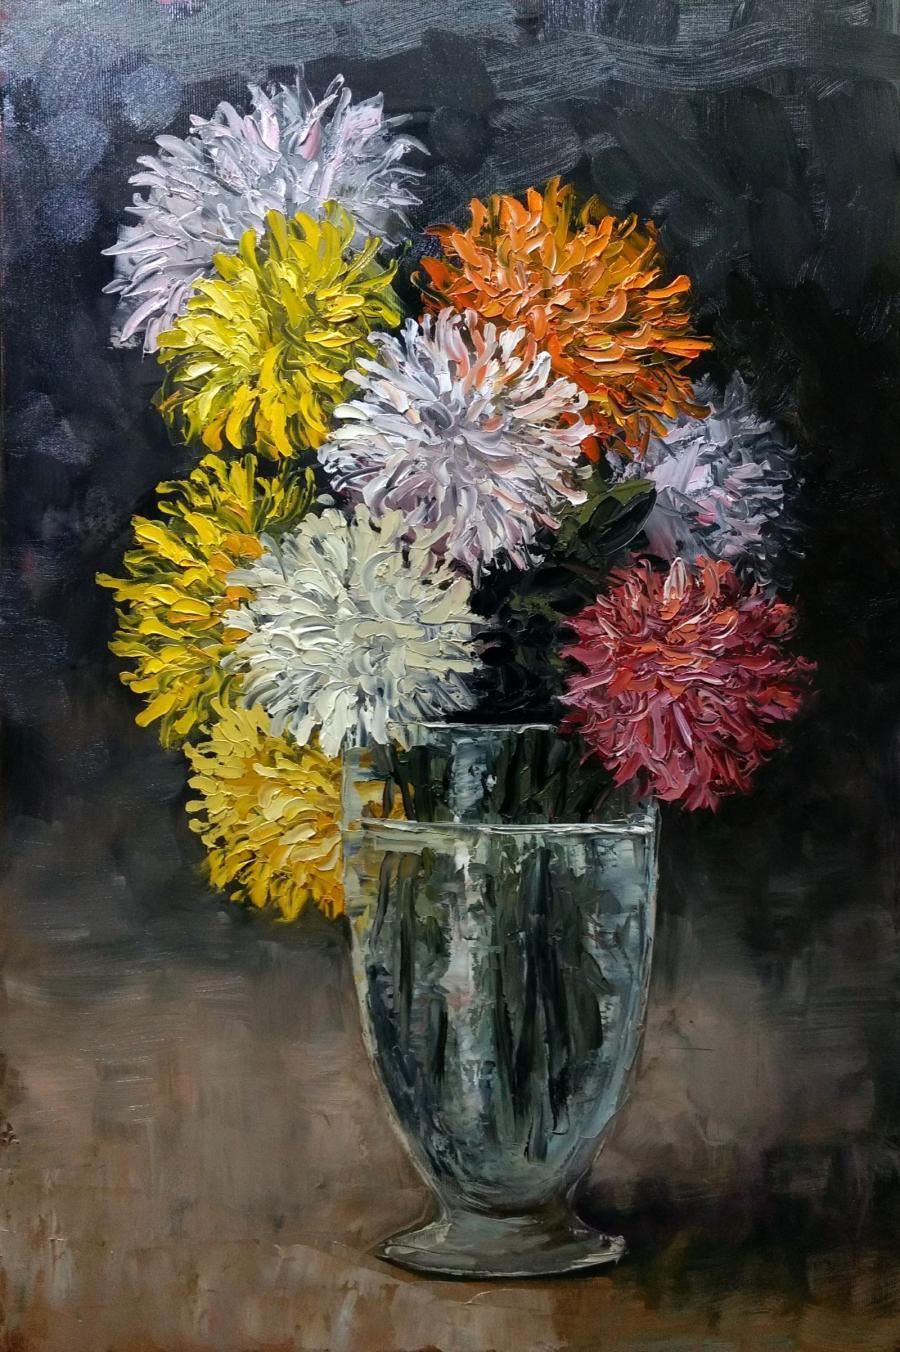 Picturi cu flori crizanteme in pahar